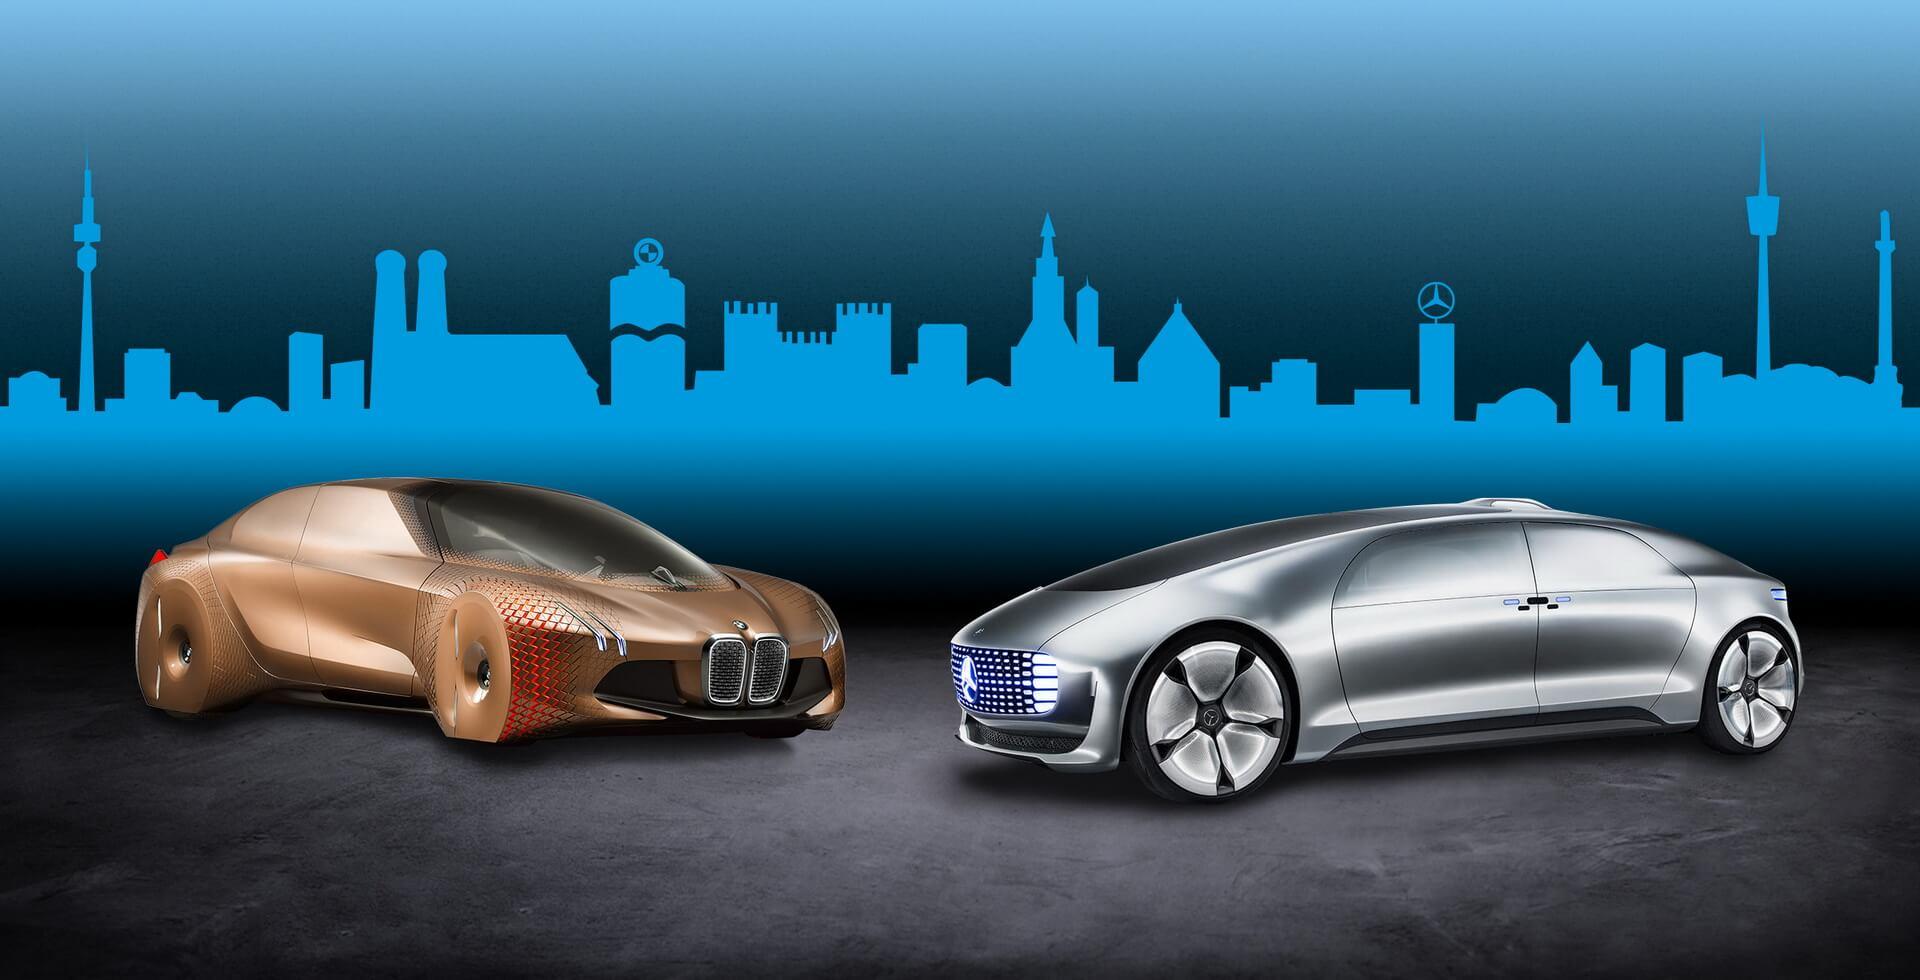 Daimler AG и BMW Group укрепляют сотрудничество, стремясь вывести автономные технологии на рынок к 2024 году